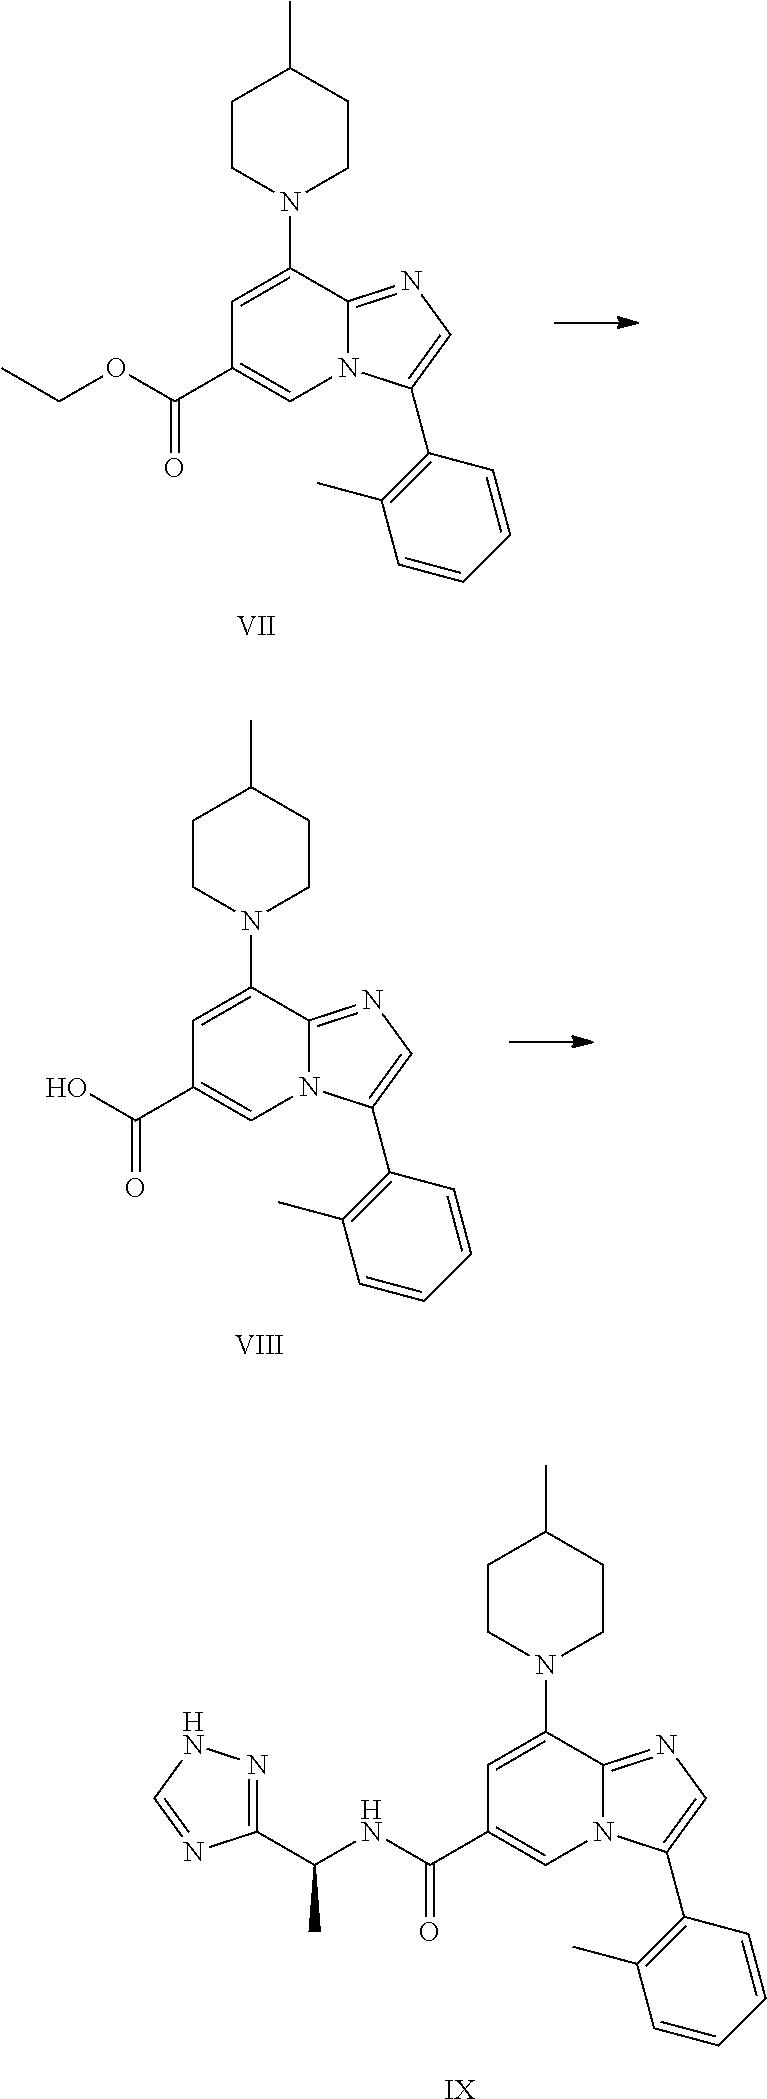 Figure US09908879-20180306-C00061